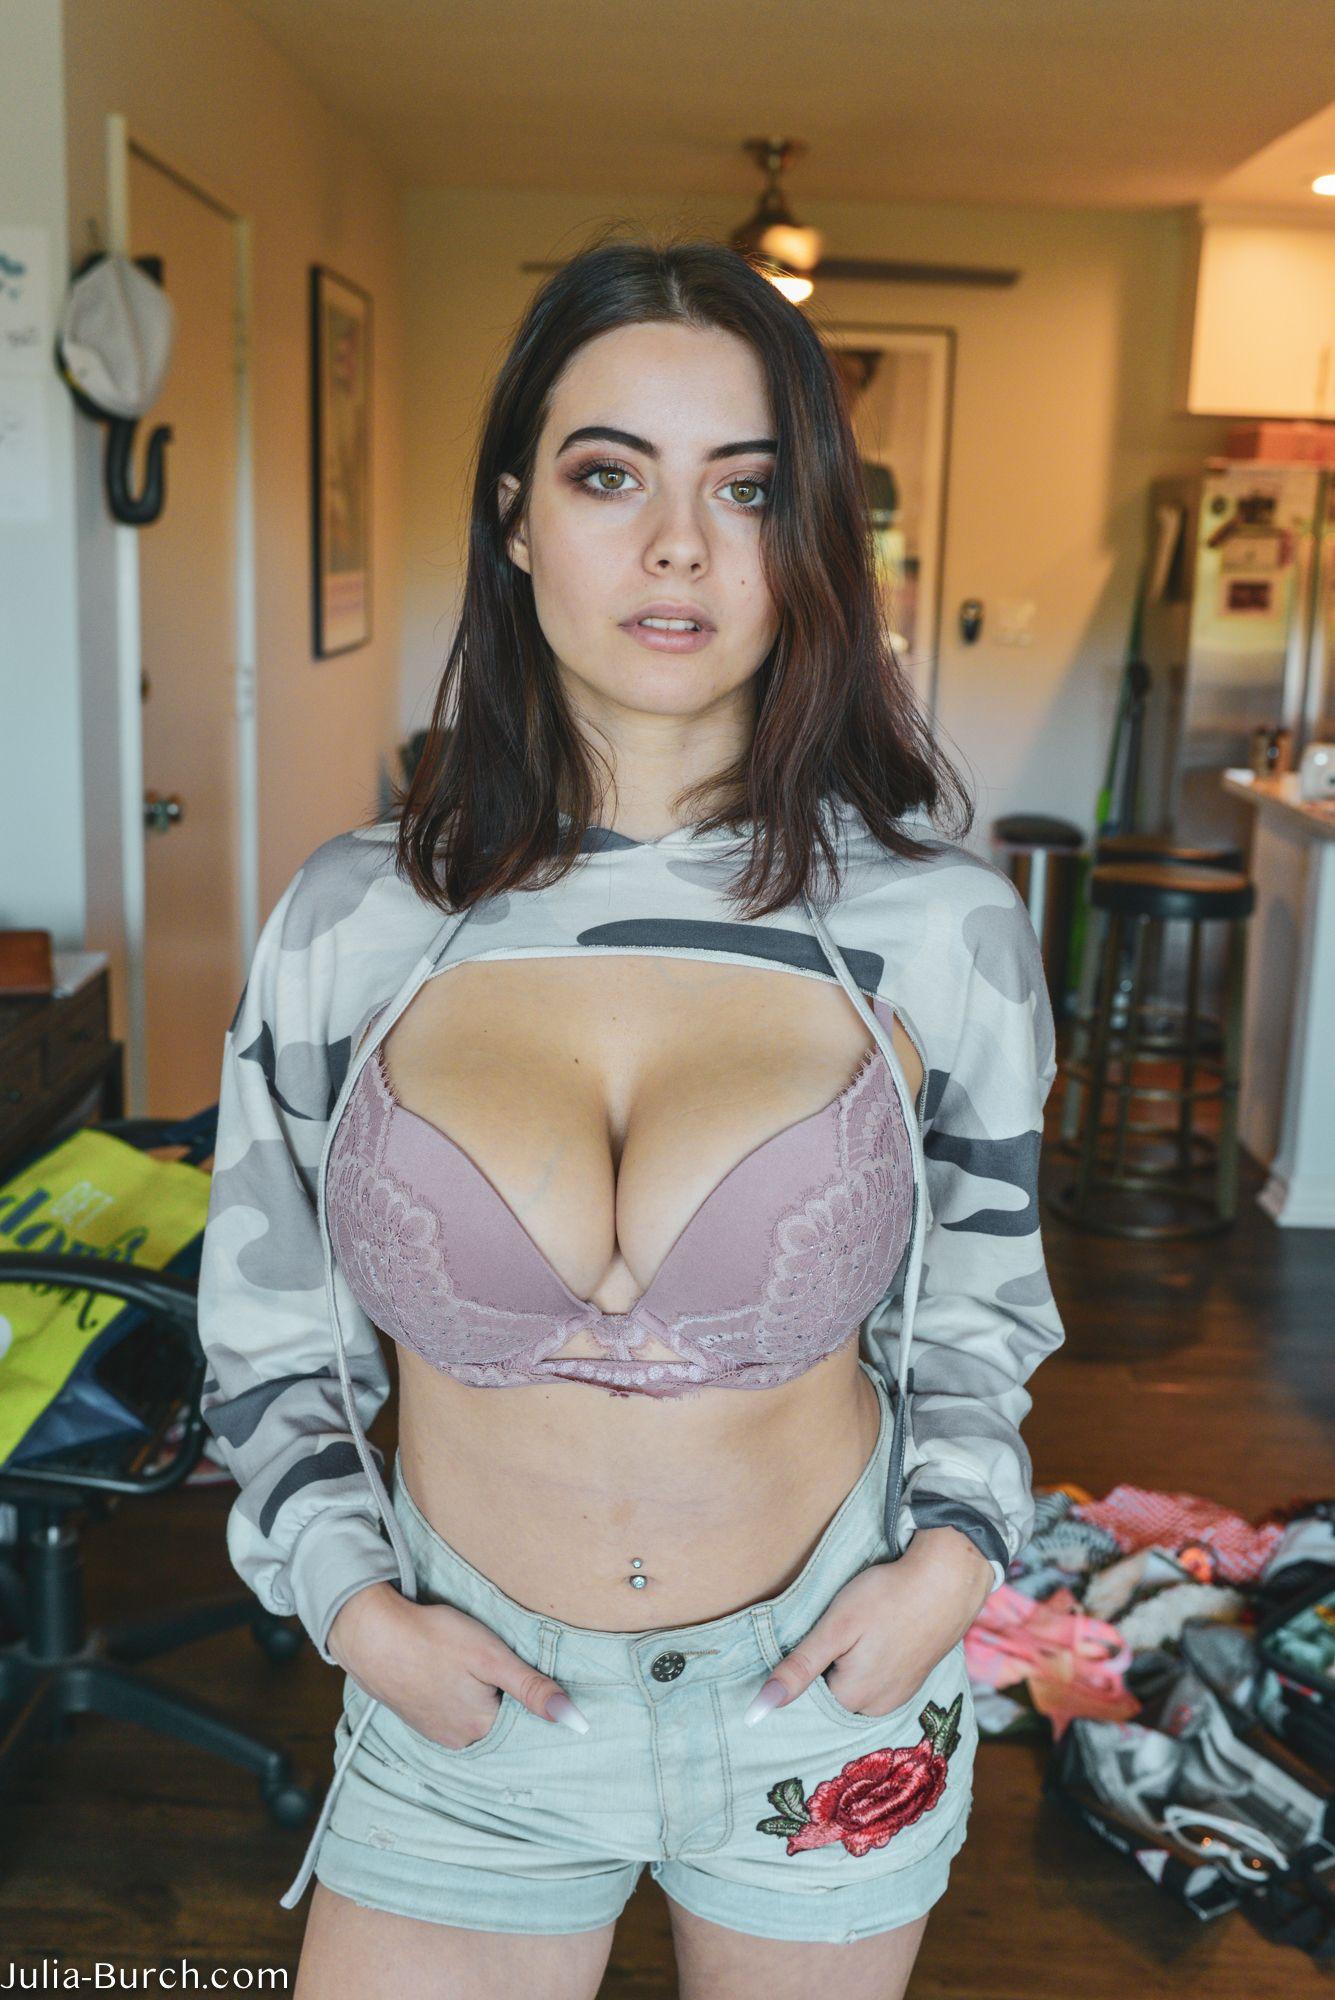 julia burch bikini